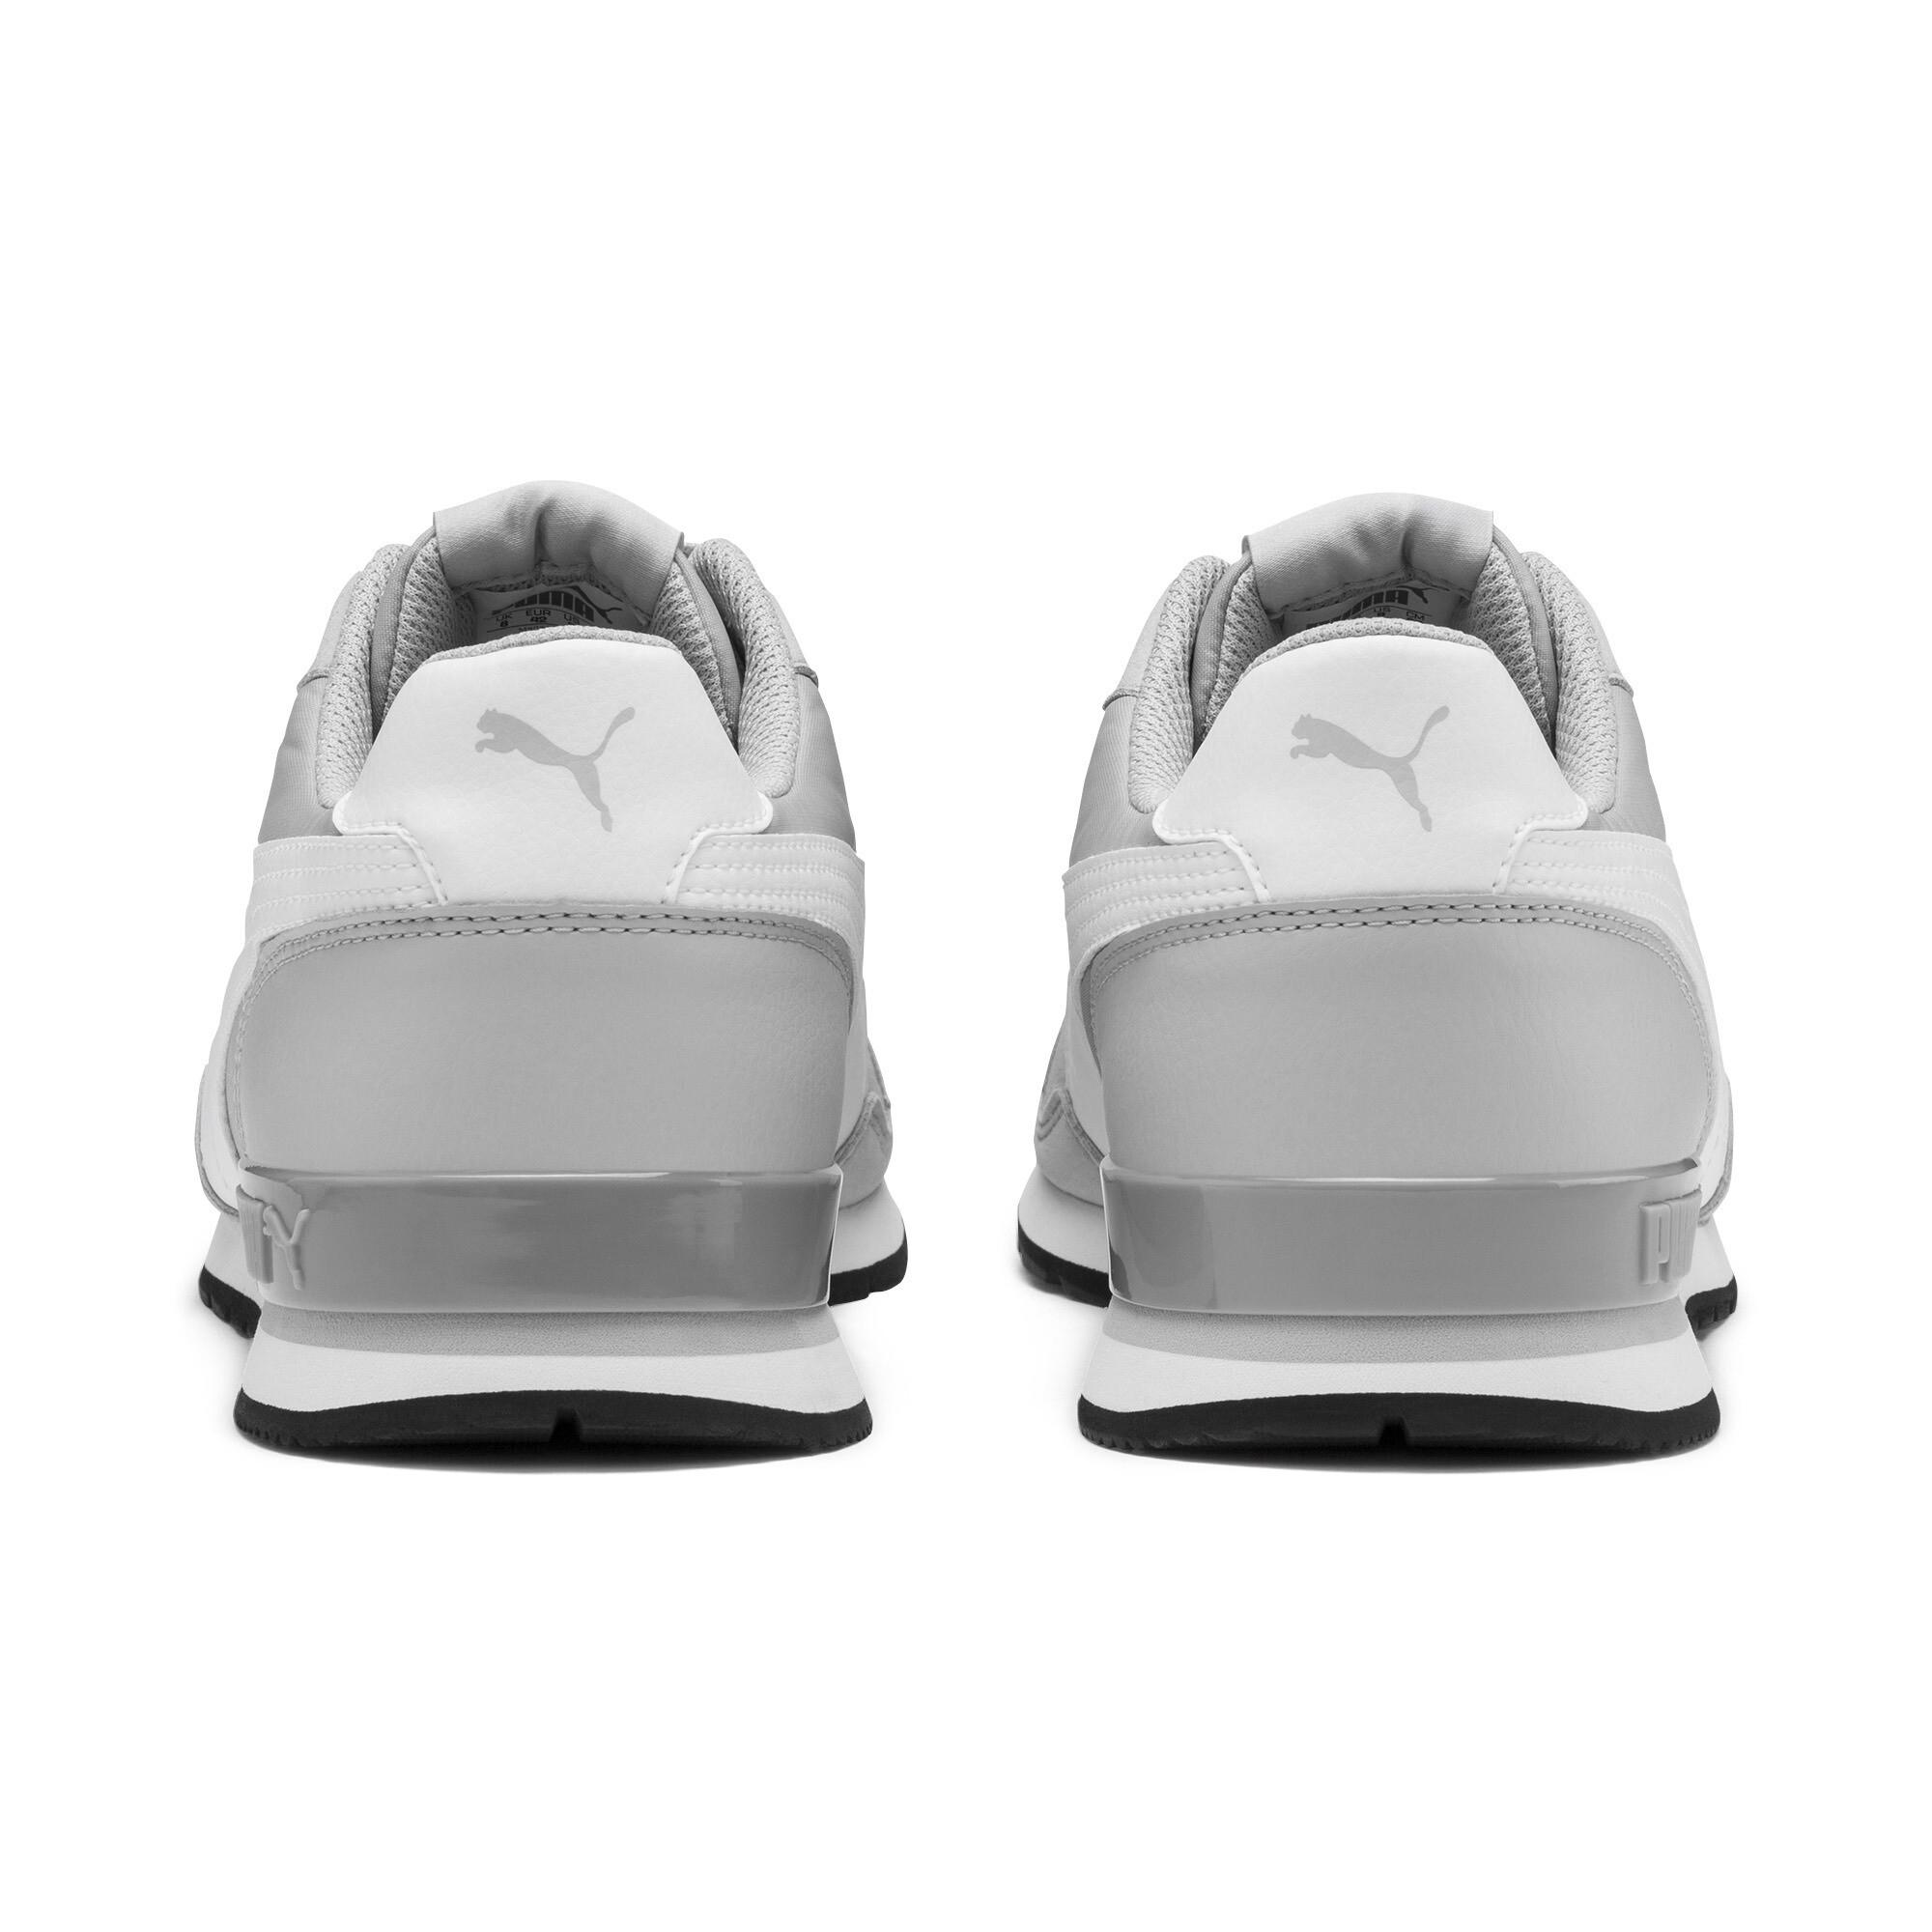 Puma-ST-Runner-v2-Para-hombre-Zapatos-para-hombre-Basics miniatura 10